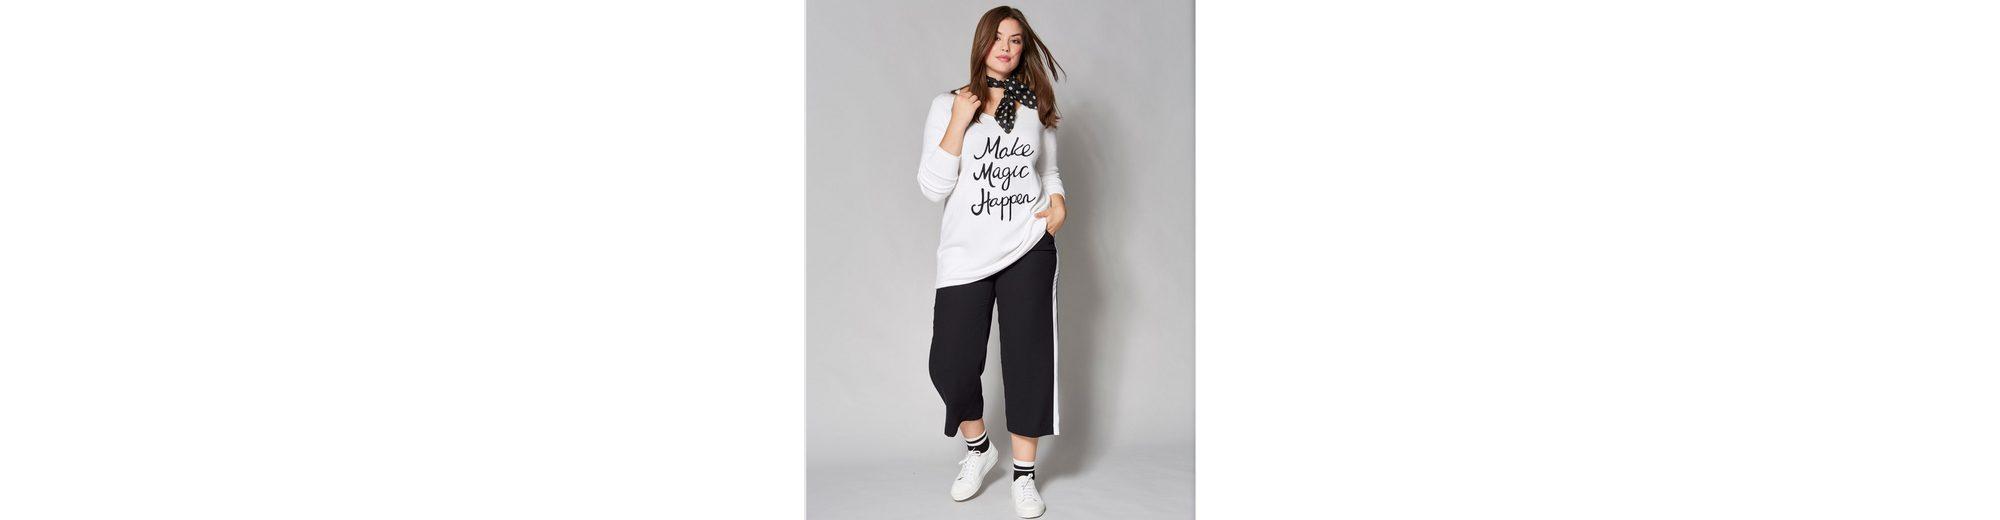 2018 Unisex Zum Verkauf Billige Fälschung Angel of Style by Happy Size Hose mit seitlichem Streifen xtwFmer1